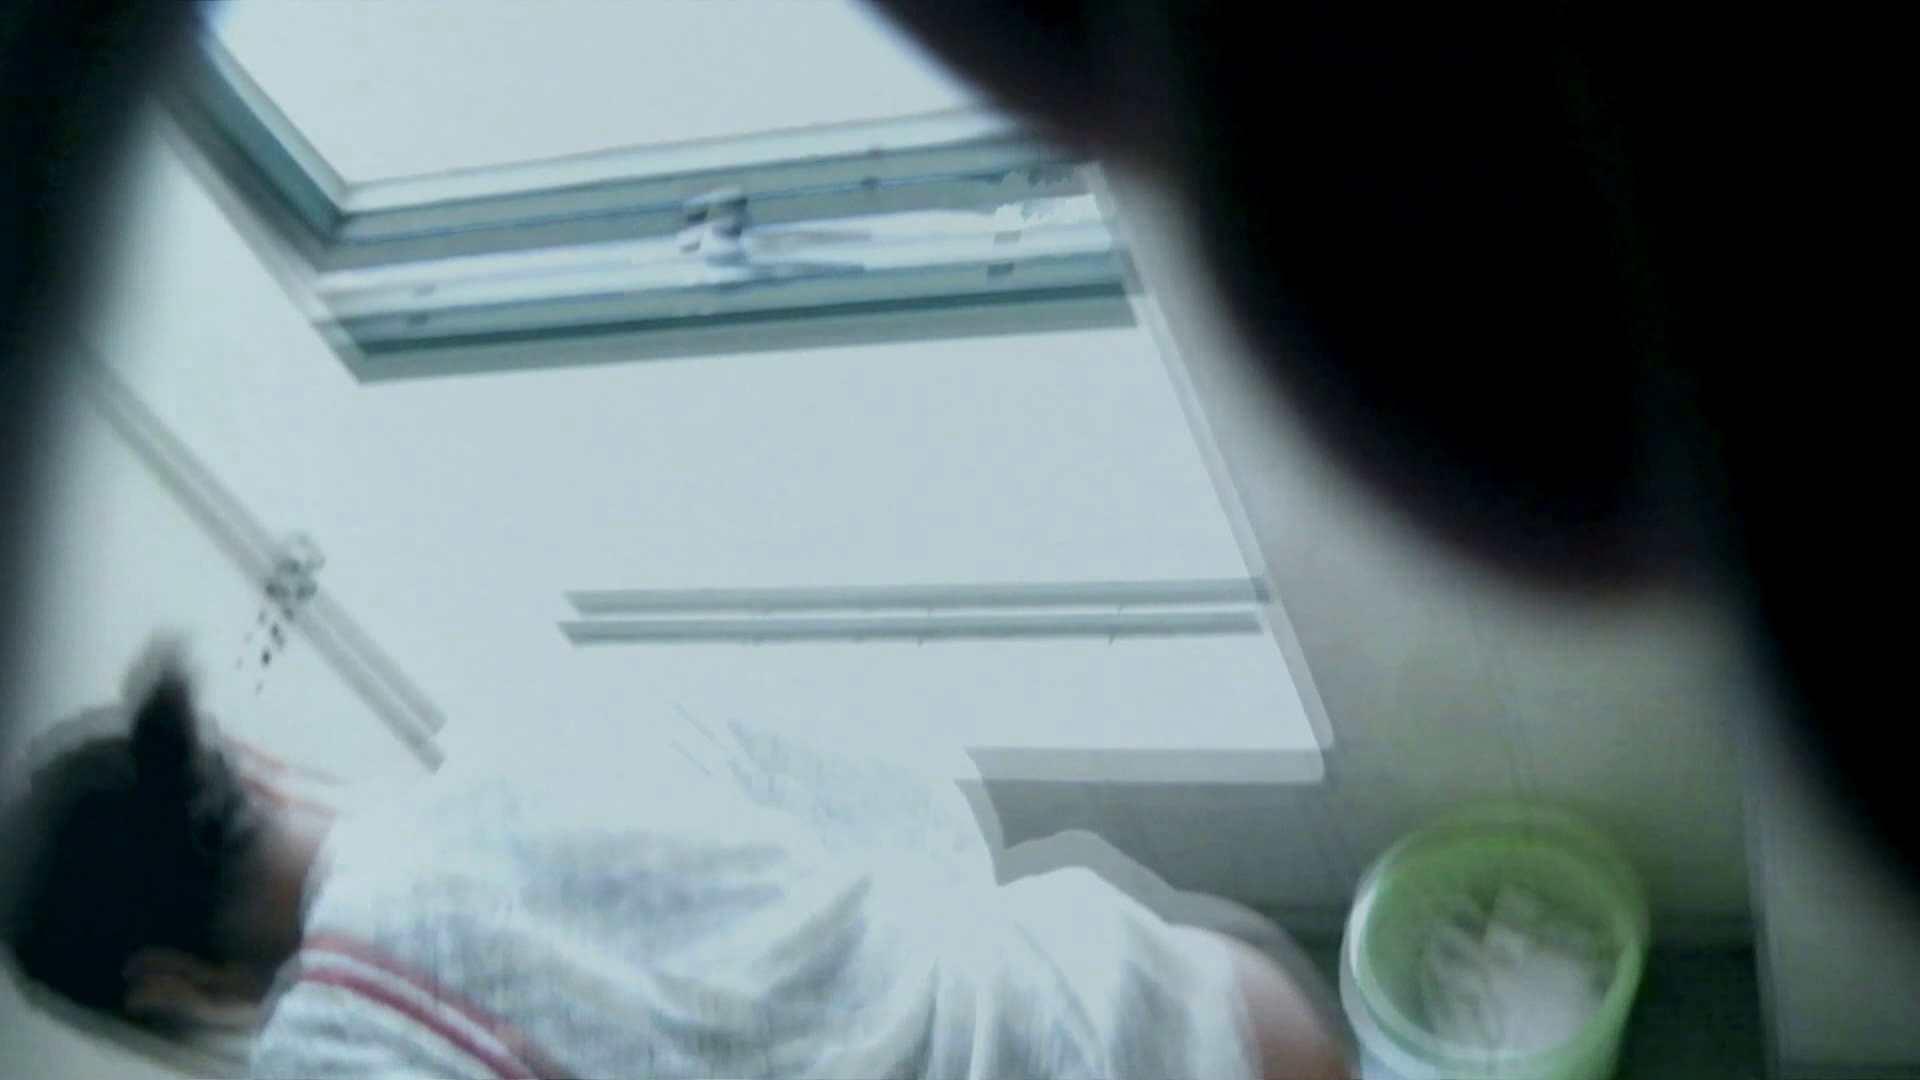 ステーション編 vol.36 無料動画に登場したトップクラスモデル本番へ 丸見え オマンコ無修正動画無料 84枚 38